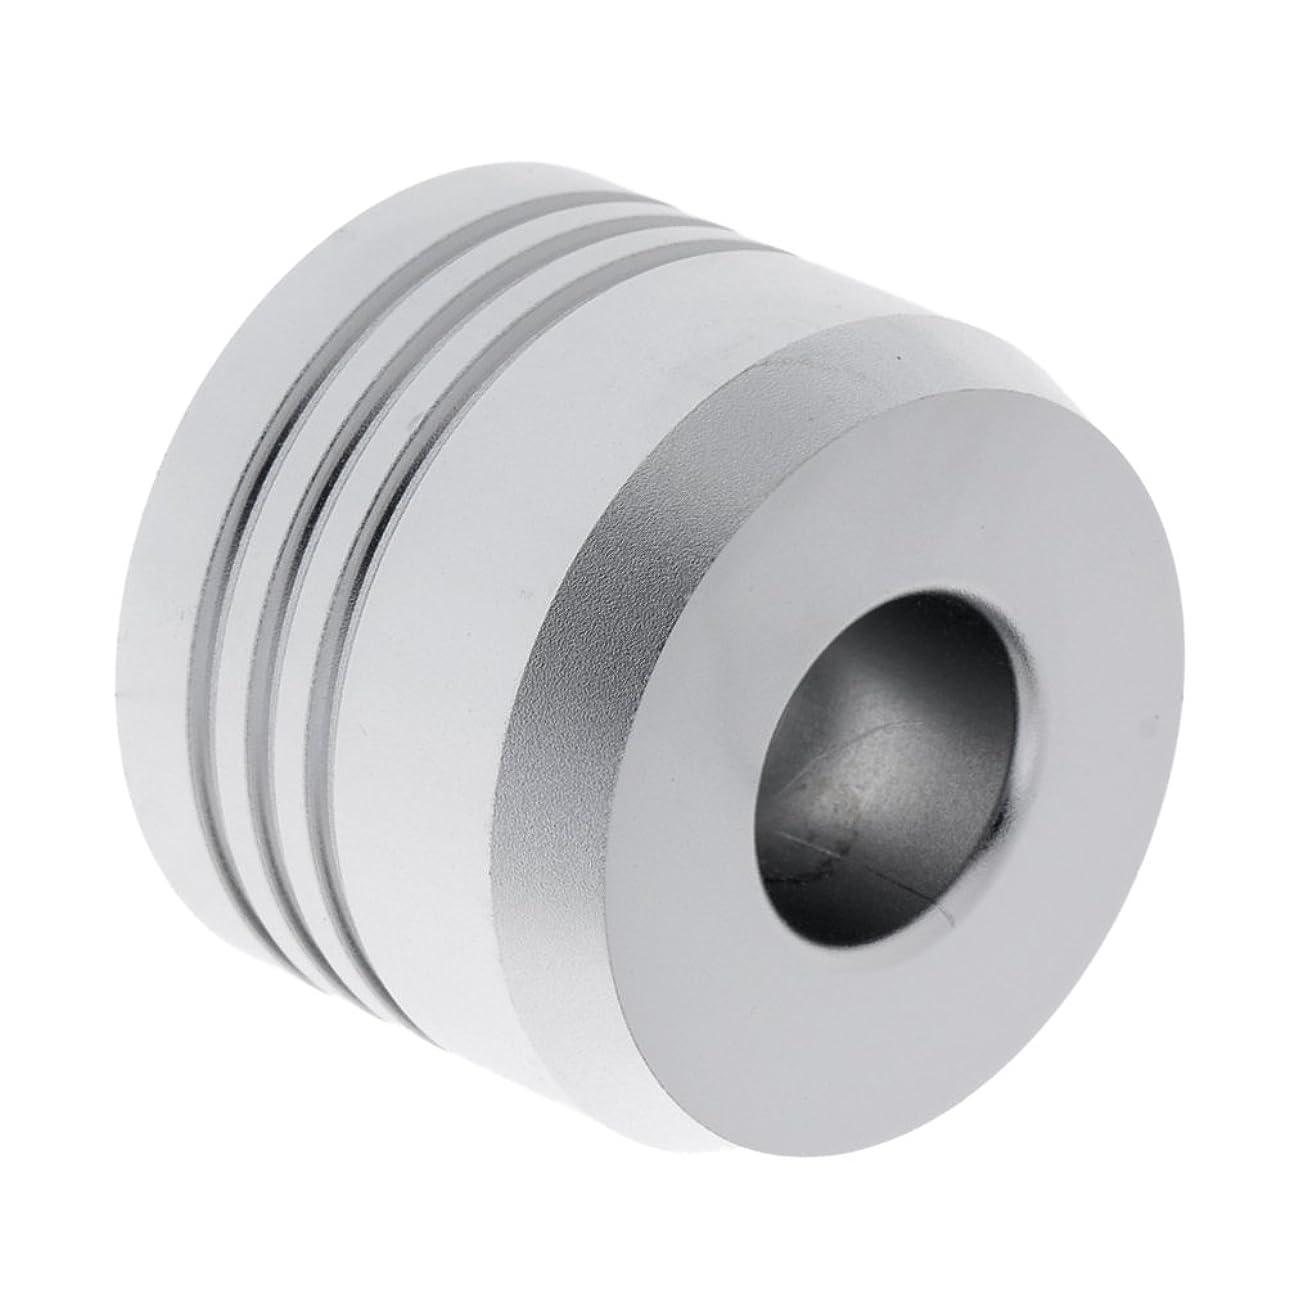 仕様シリンダー発信Kesoto セーフティカミソリスタンド スタンド メンズ シェービング カミソリホルダー サポート 調節可能 シェーバーベース 2色選べ   - 銀